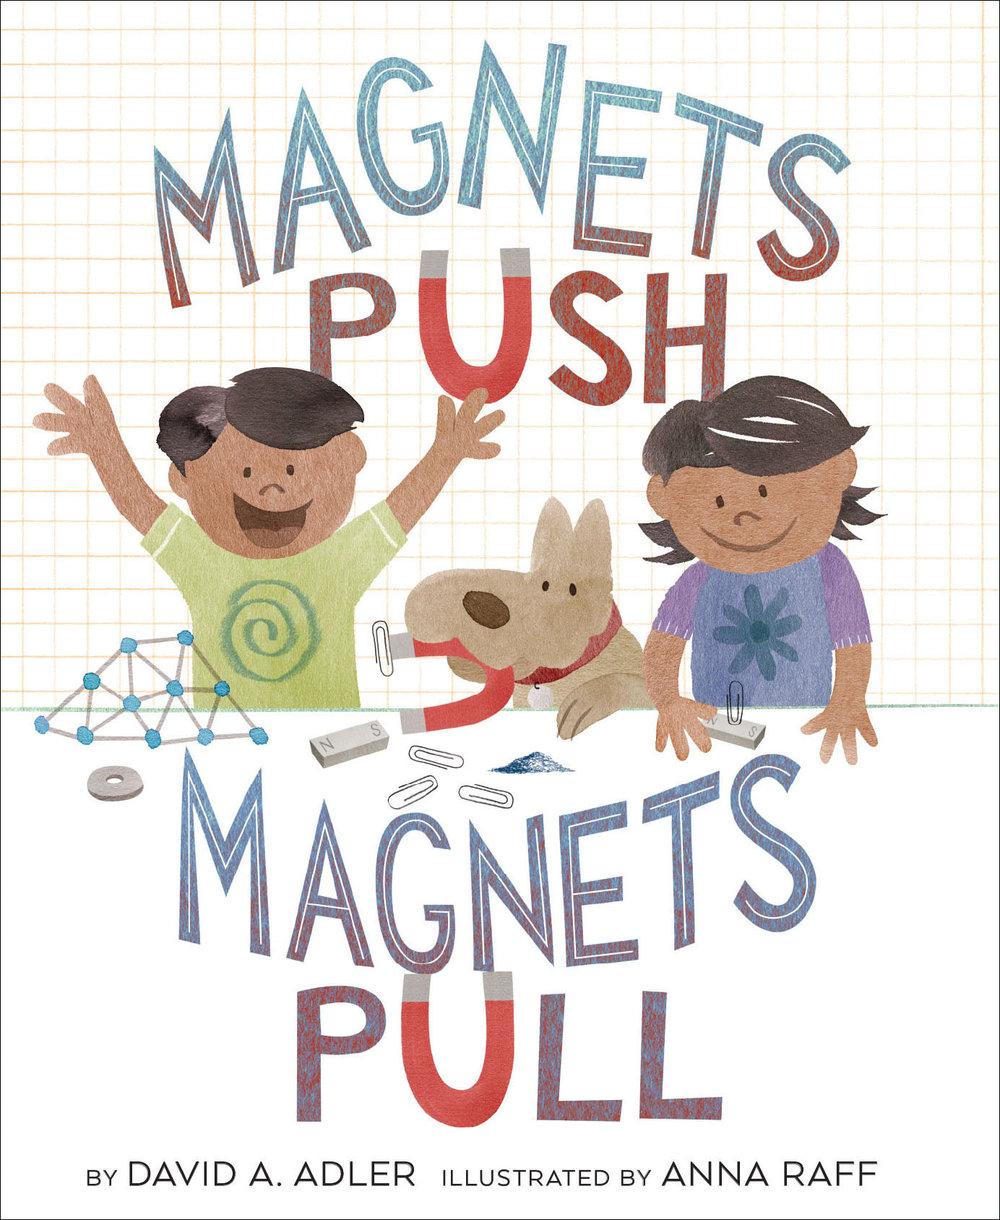 Magnets frt cvr loRes.jpg